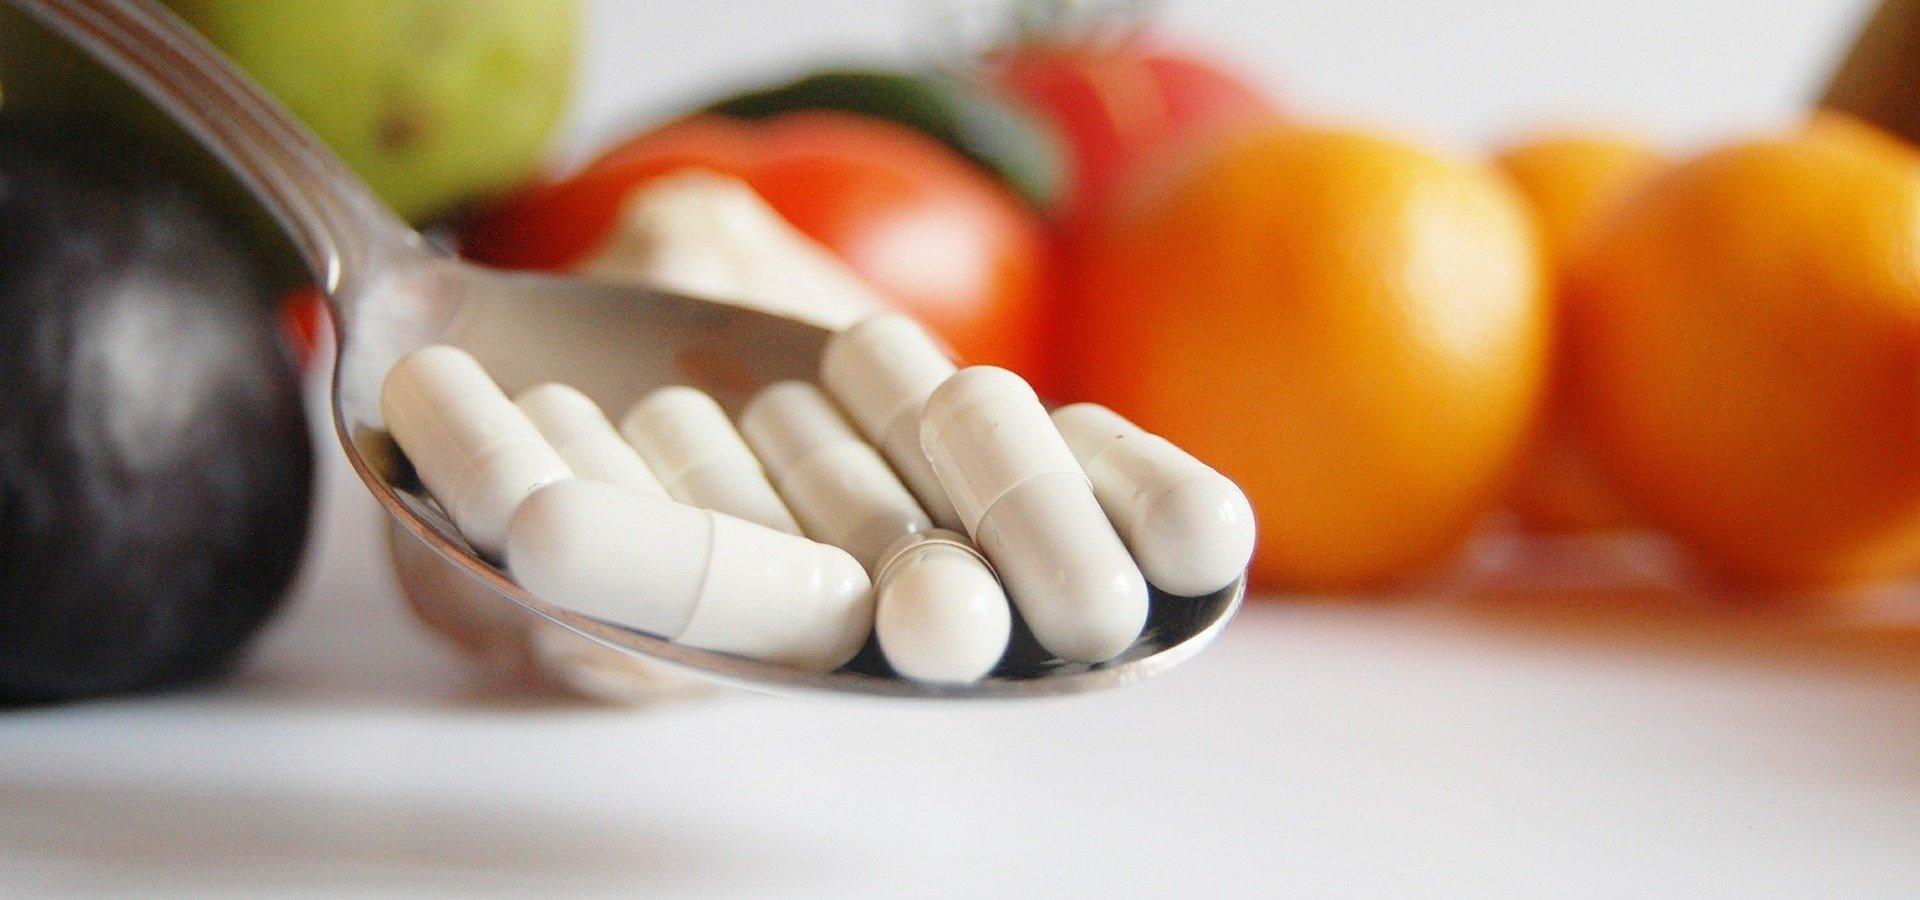 Suplementy diety są potrzebne!